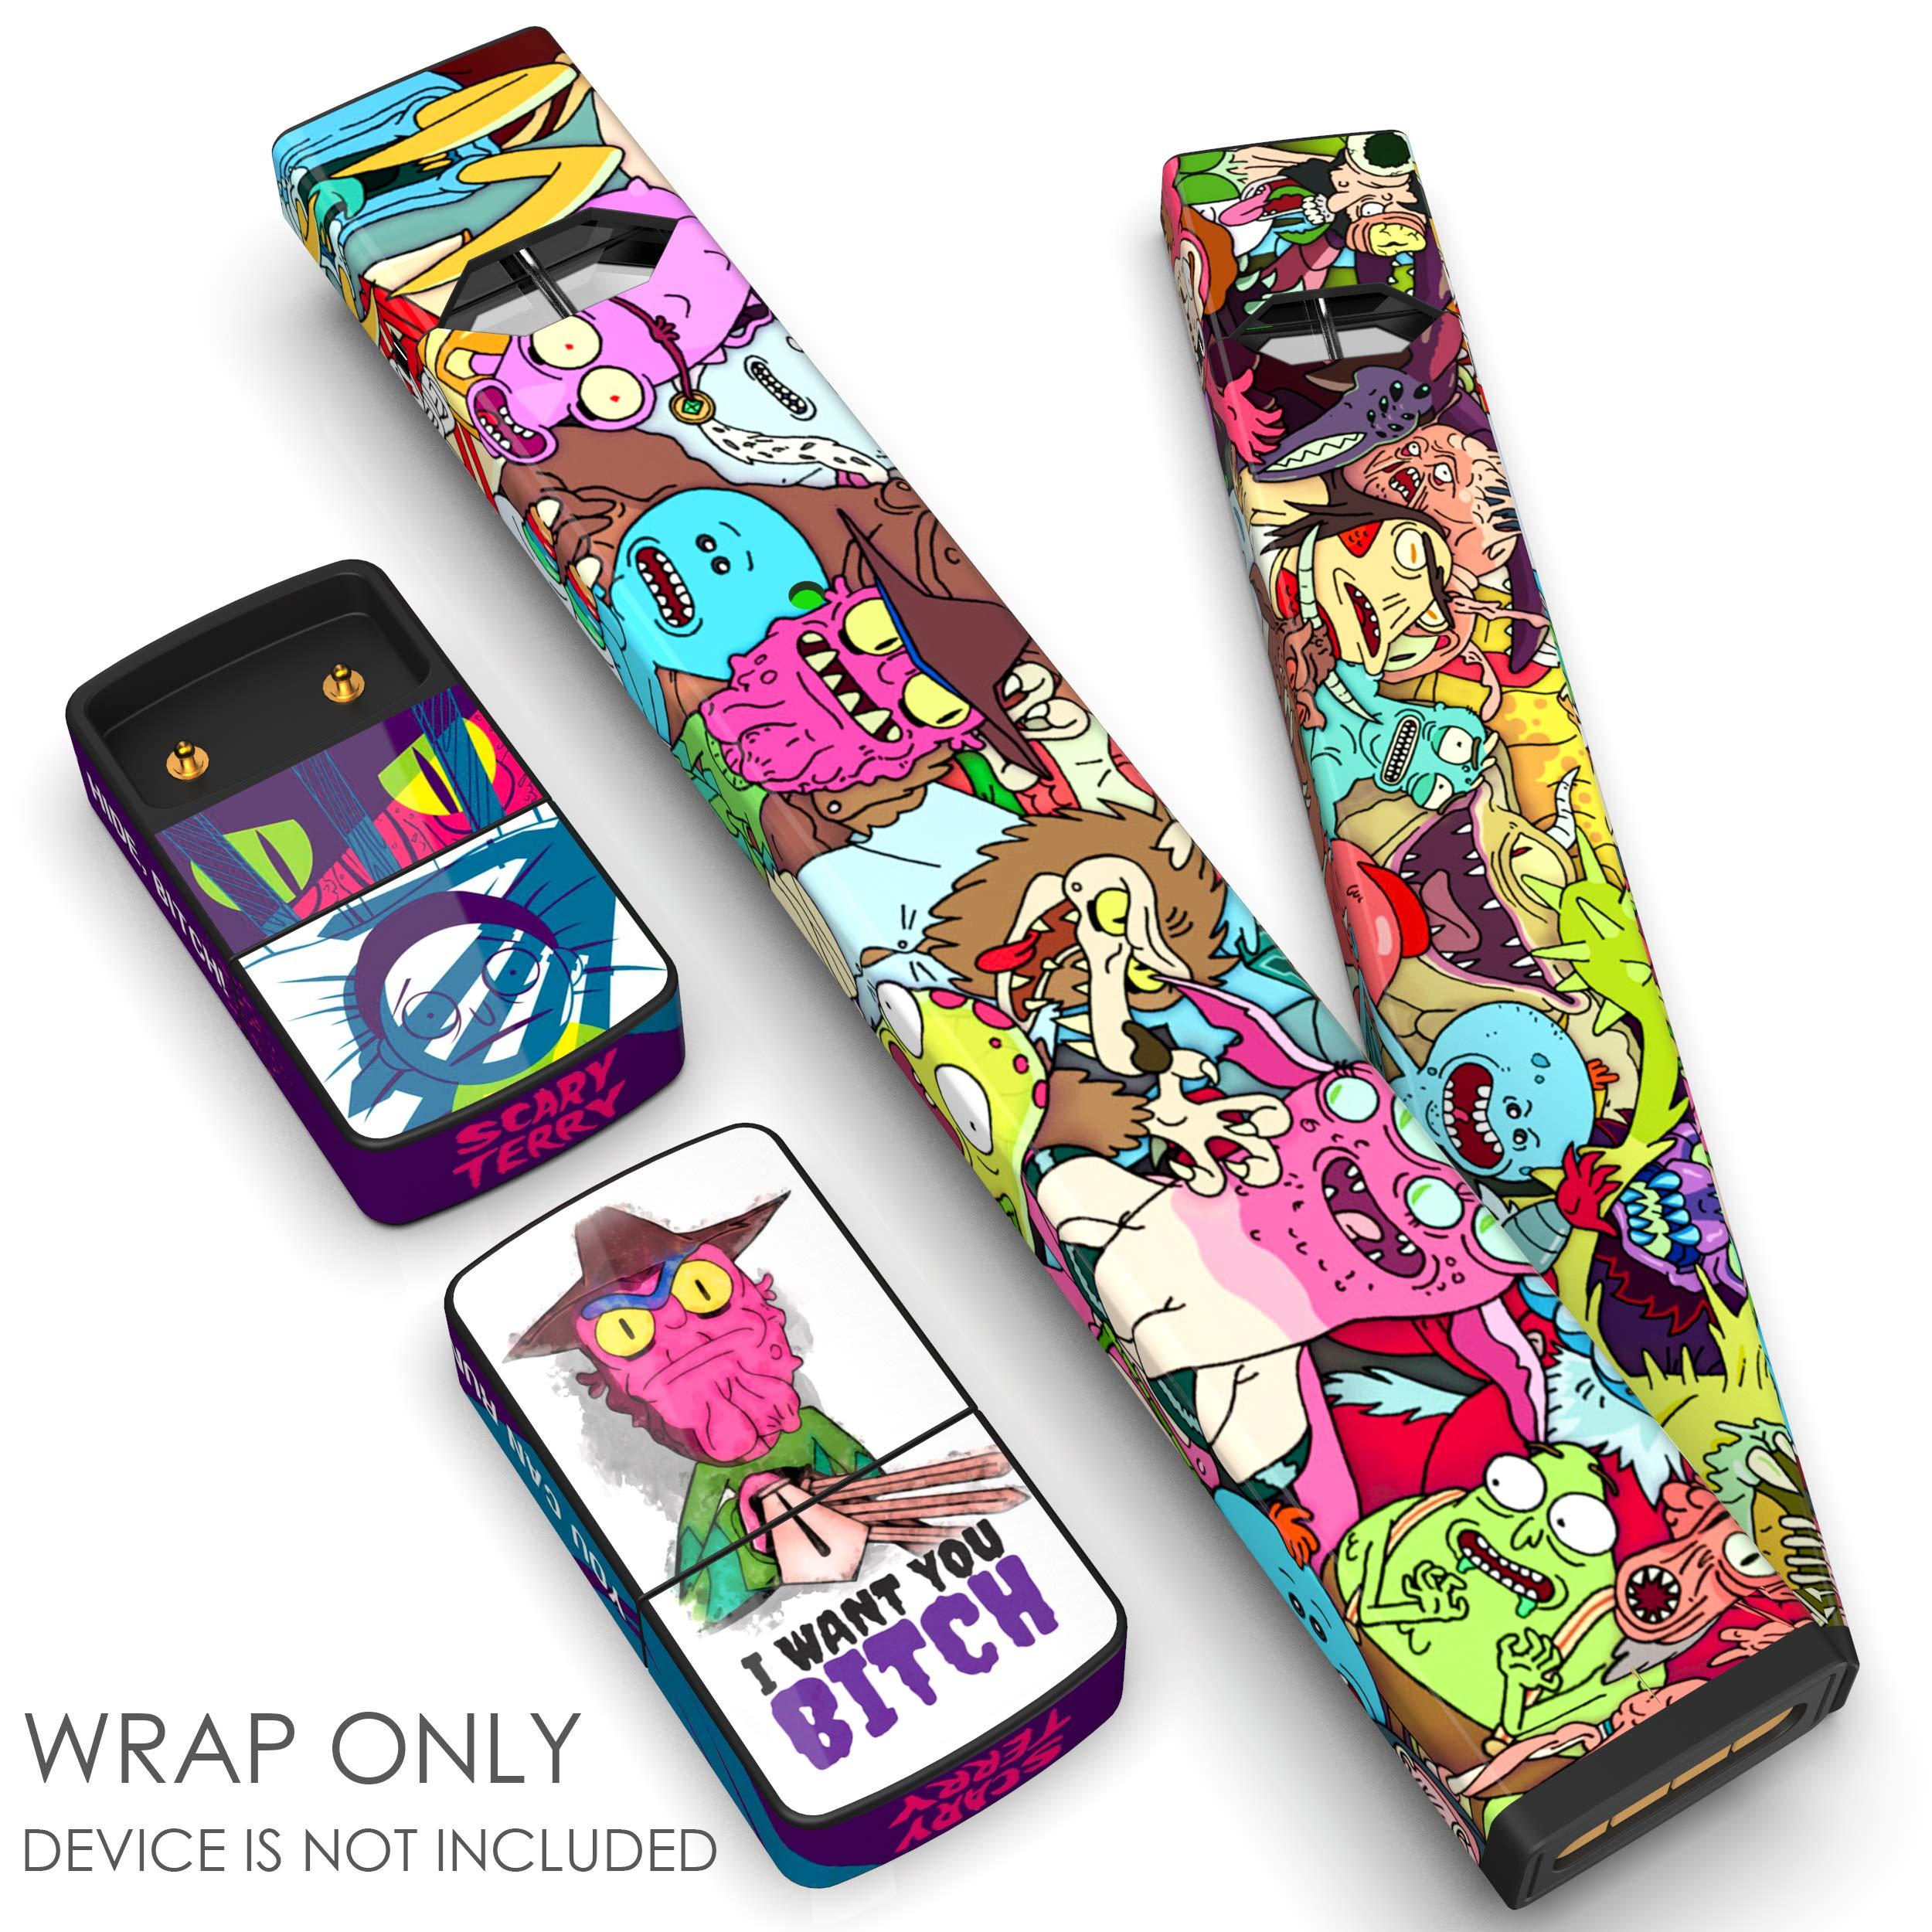 Juul Sticker Plank Juul Skin | Juul Decal | Juul Wrap | Juul Sticker Plank Juul Skin Juul Decal Juul Wrap